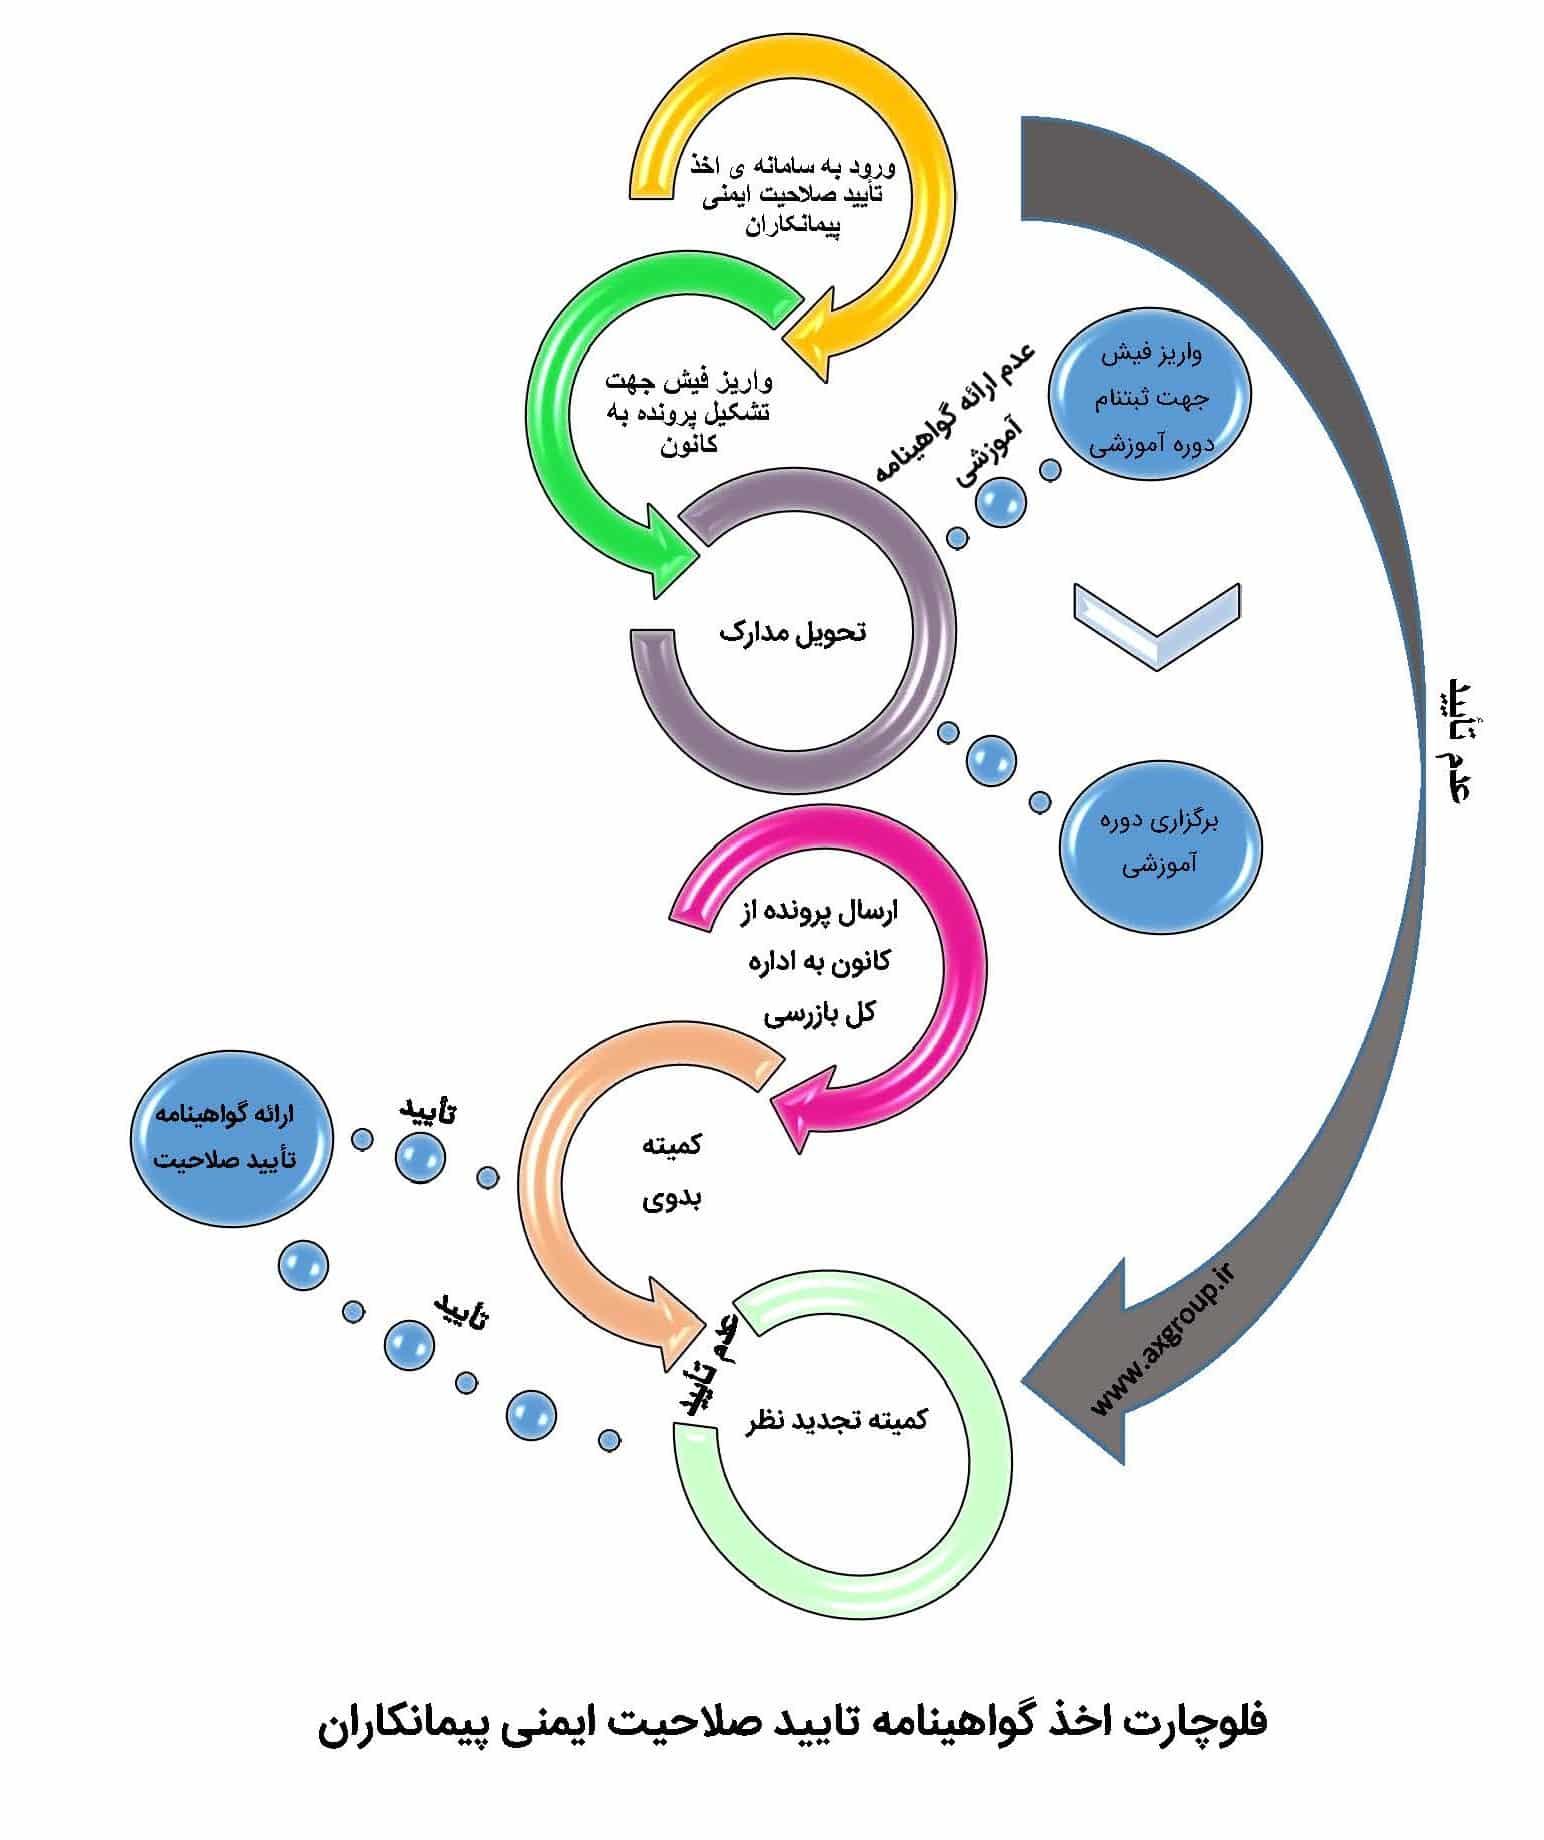 فرایند تایید صلاحیت ایمنی پیمانکاران